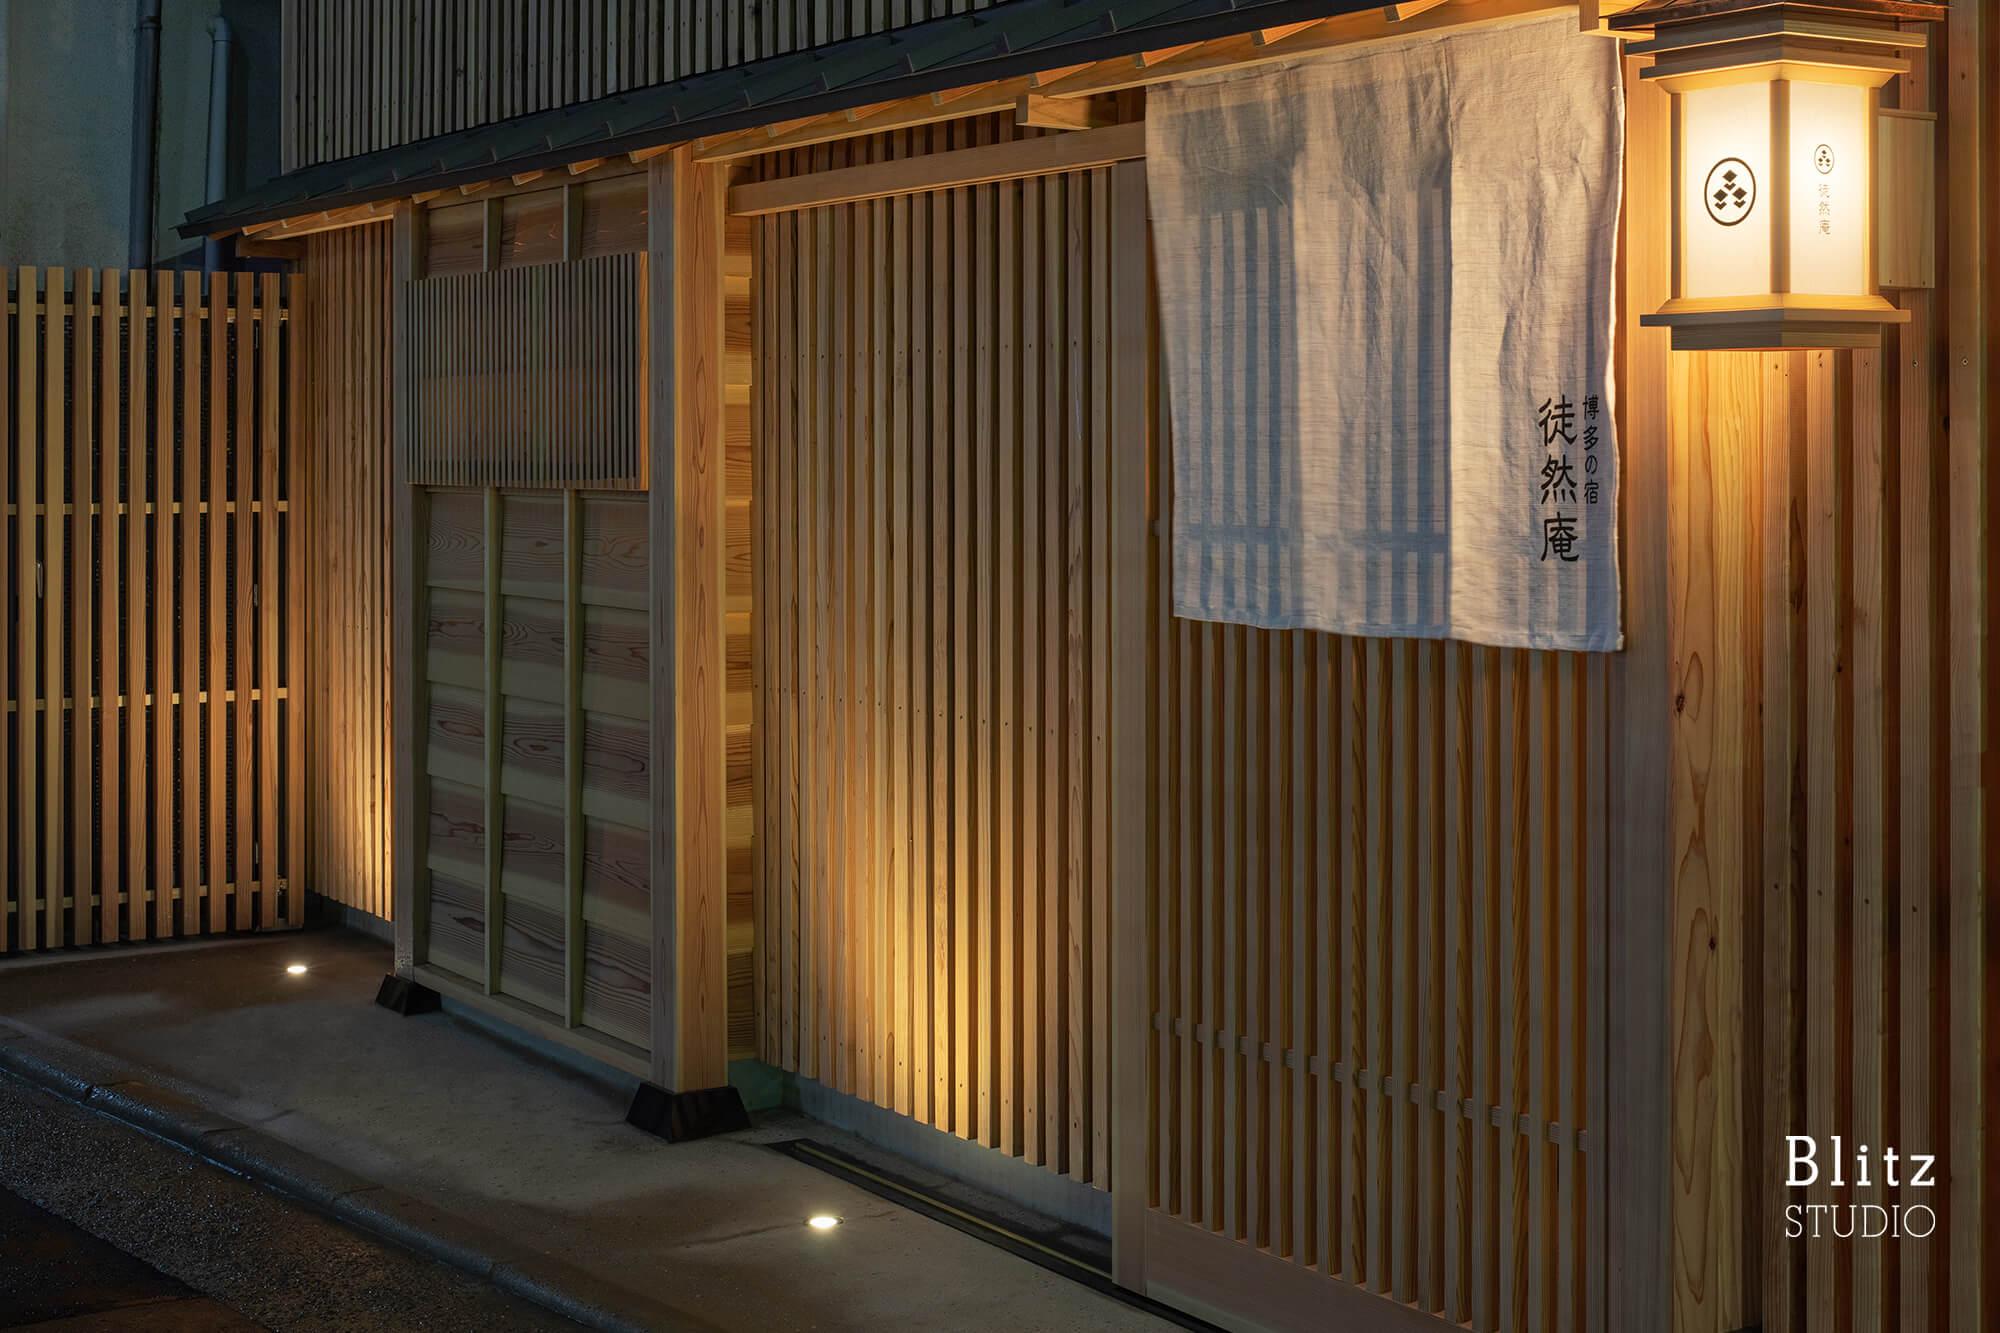 『博多の宿 徒然庵』建築写真・竣工写真・インテリア写真14